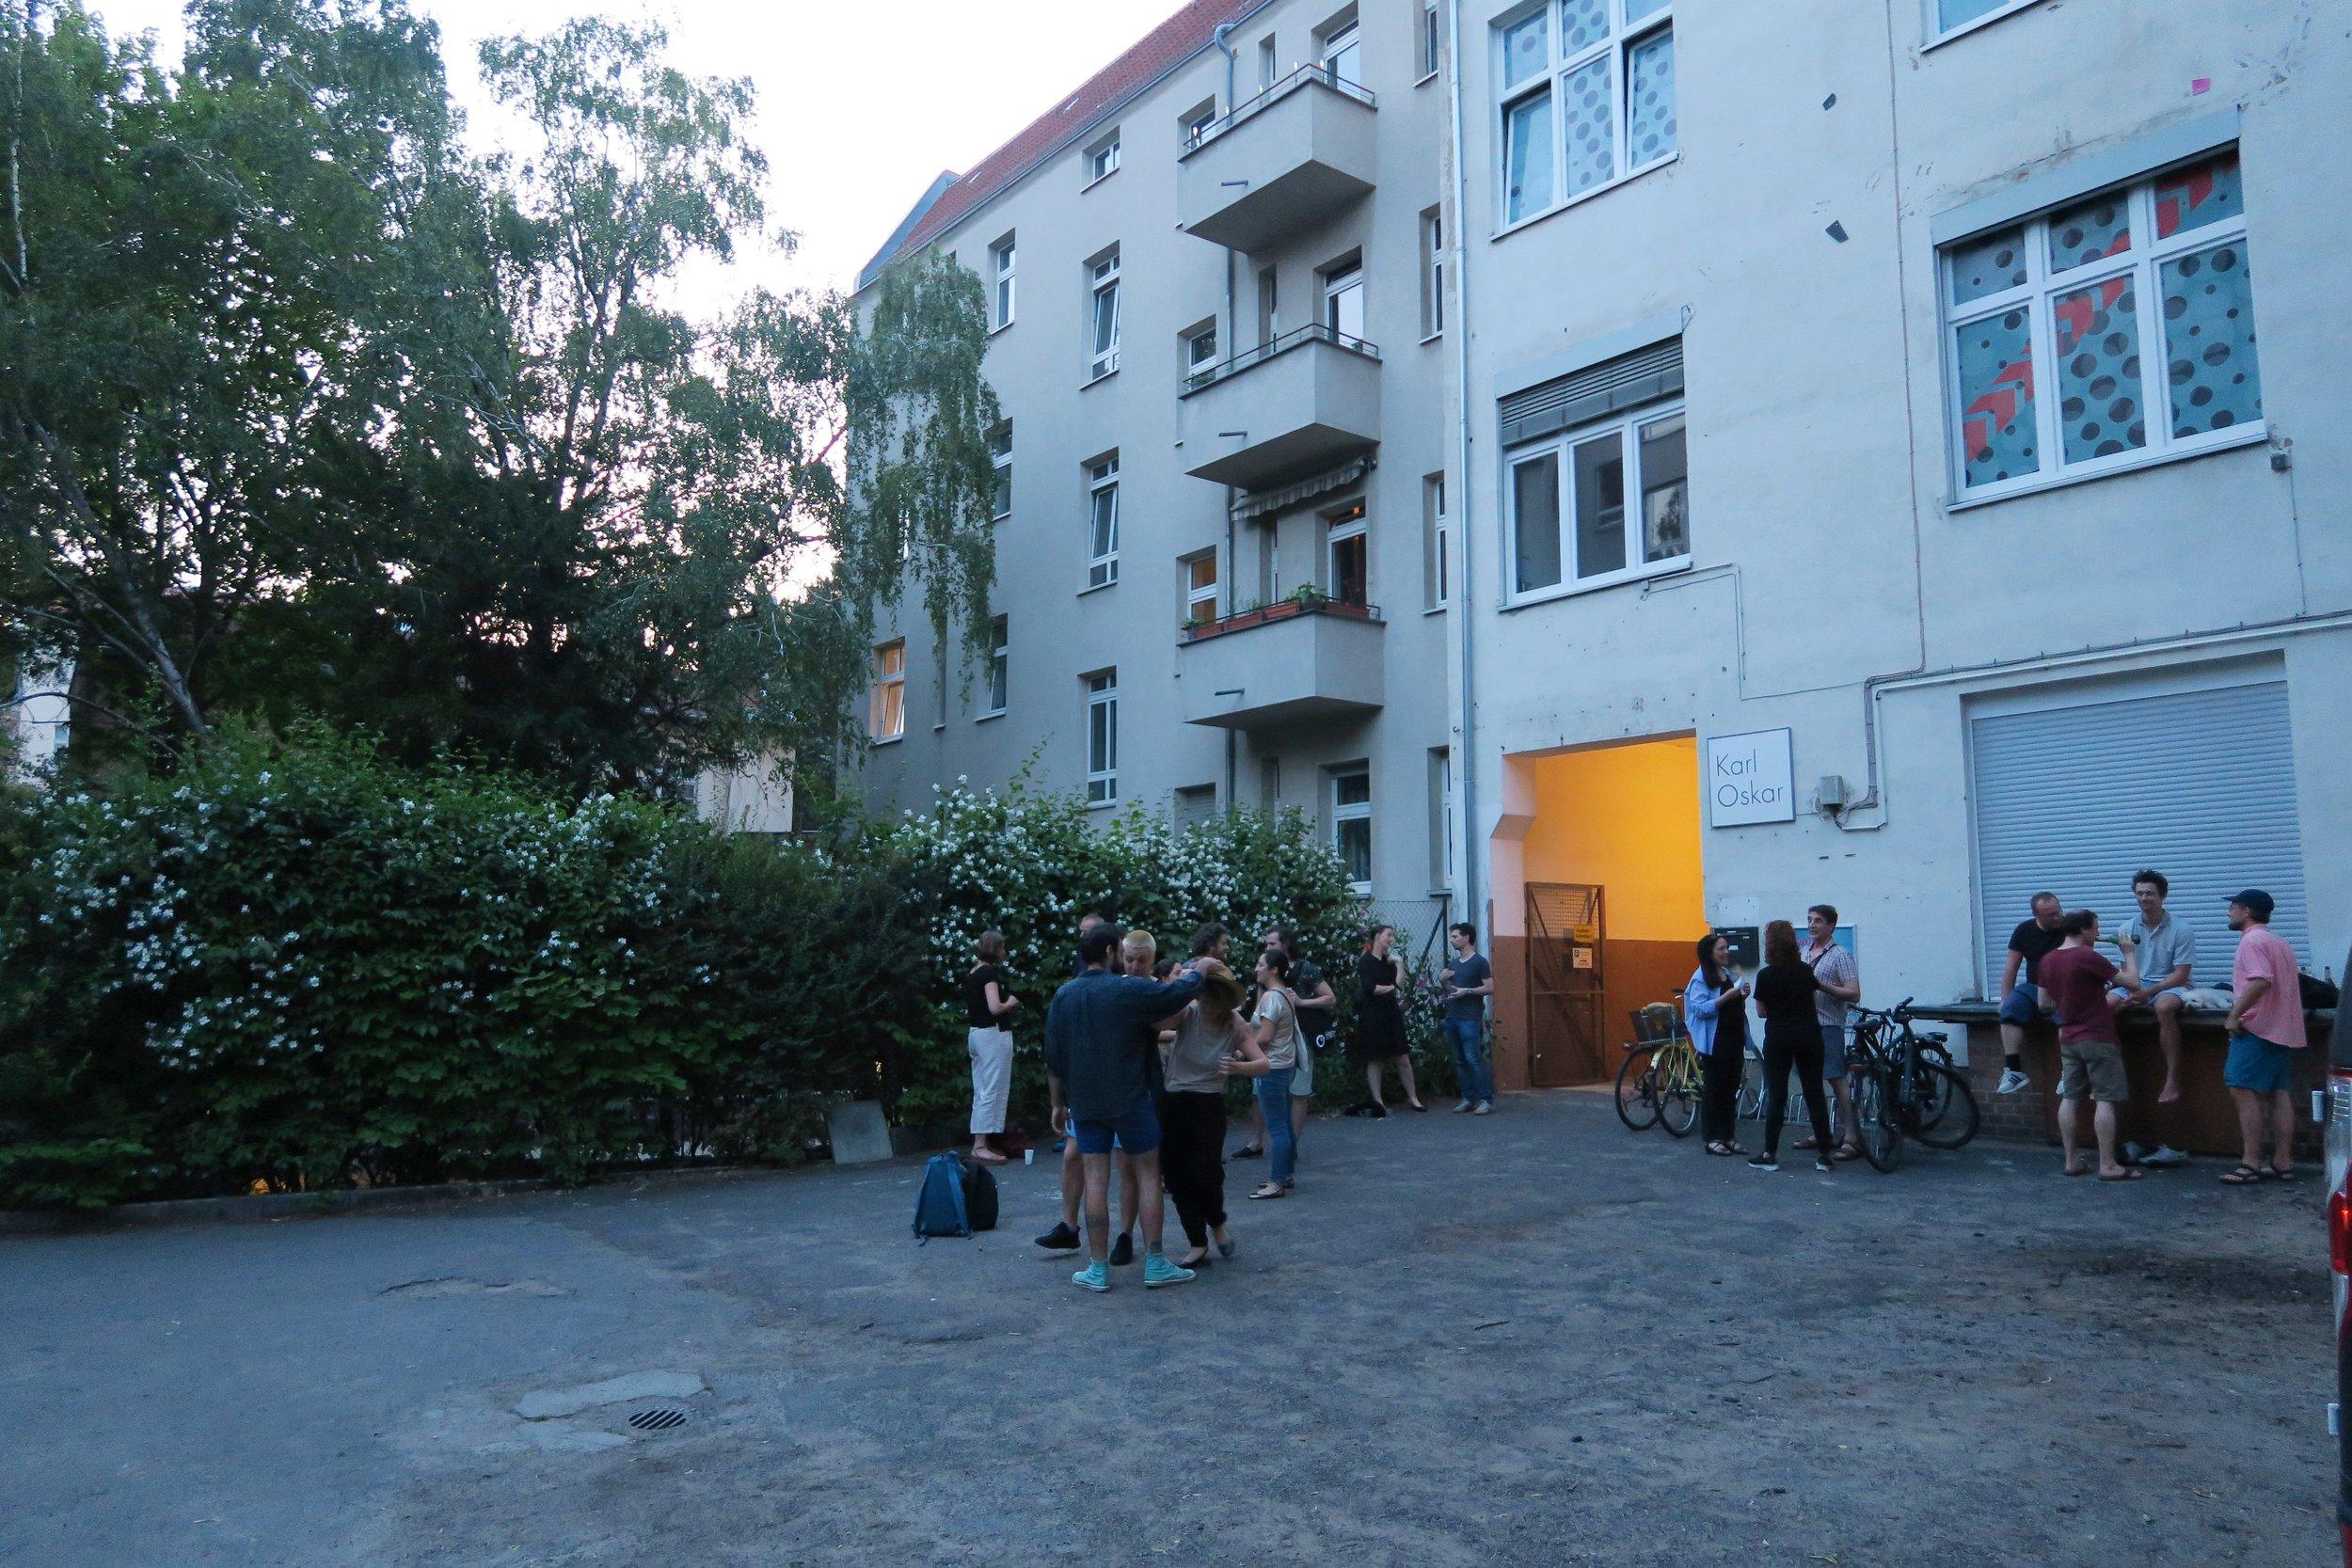 Karl Oskar Gallery in Tempelhof, Berlin.